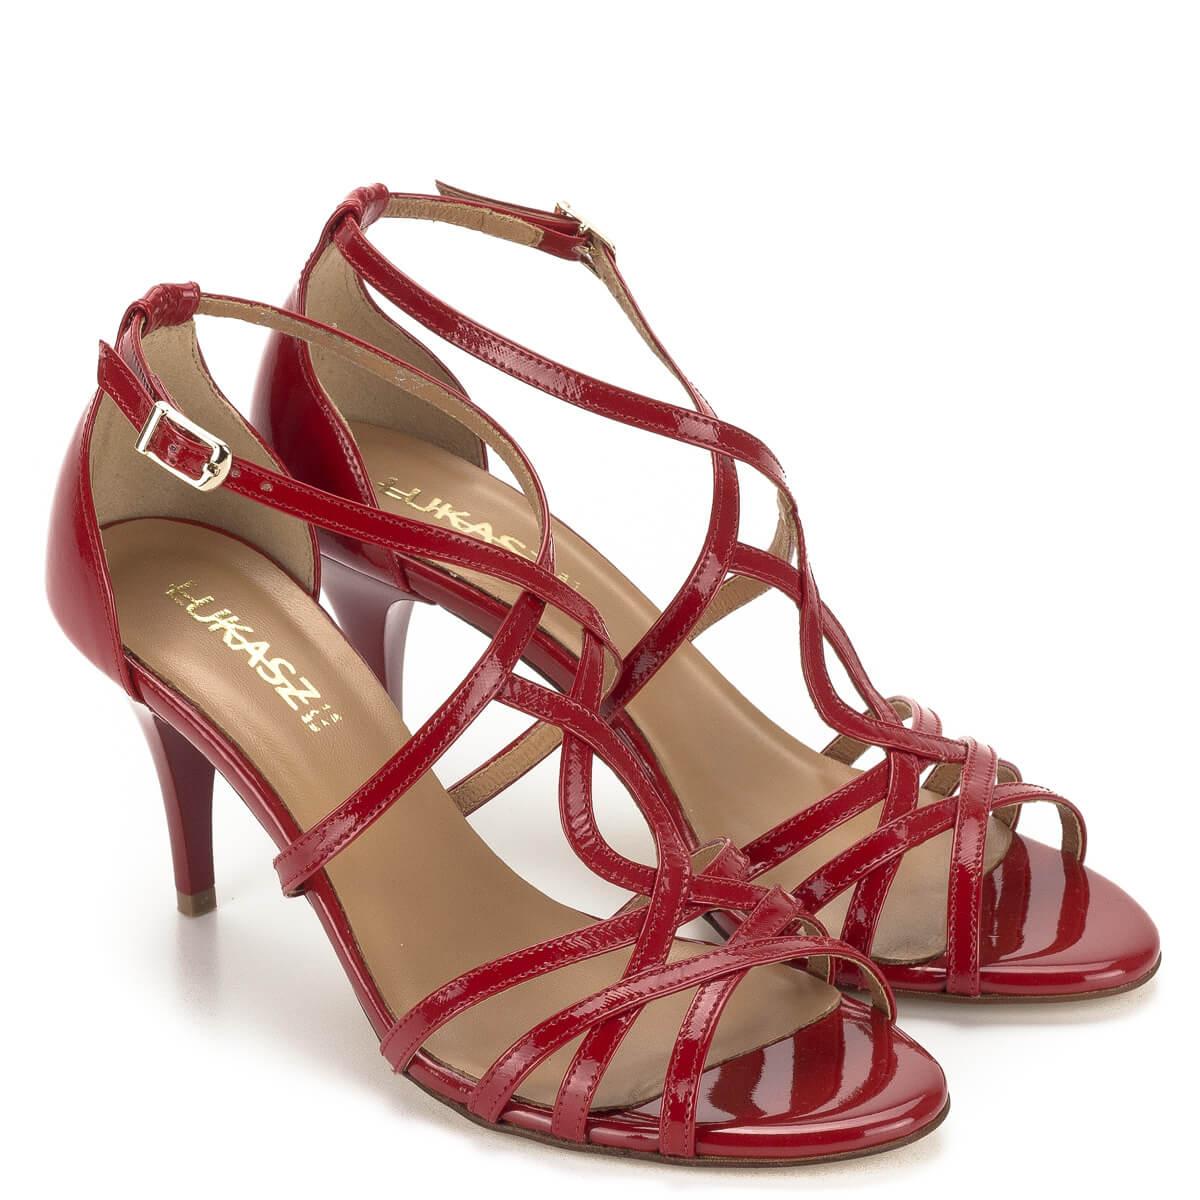 Piros lakk alkalmi cipők t pántos szandál